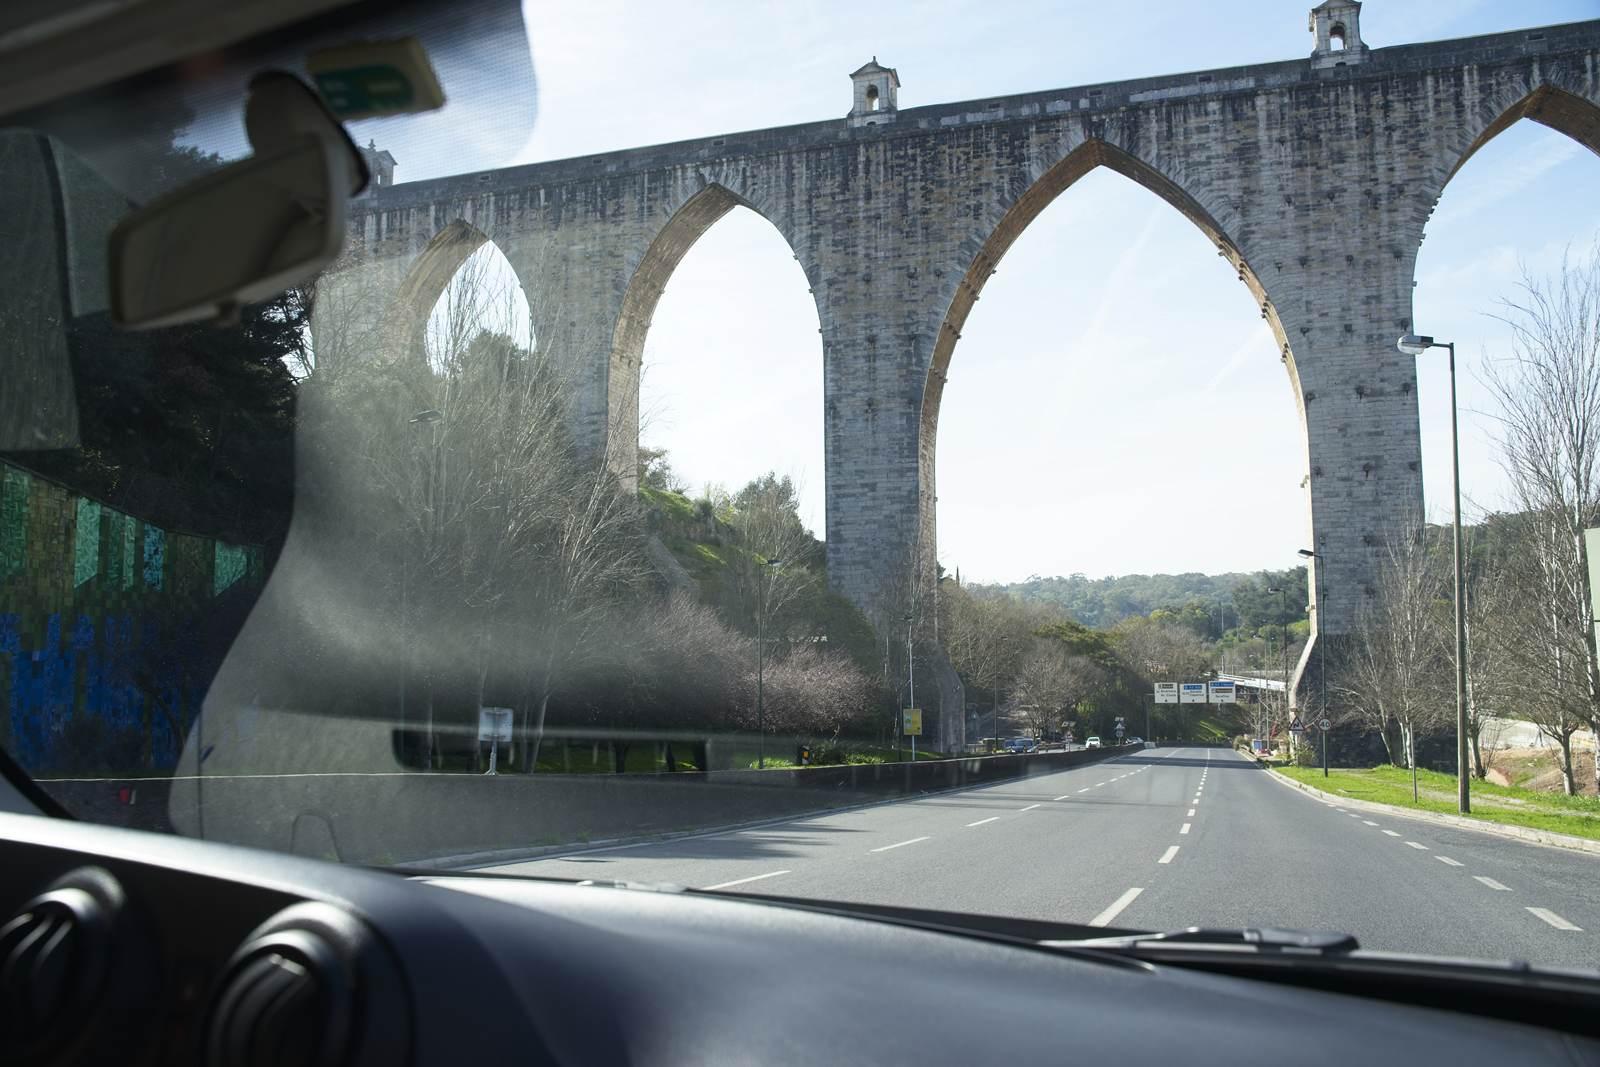 akwedukt lizbona co zobaczyc w lizbonie ciekawe miejsca lizbona atrakcje turystyczne